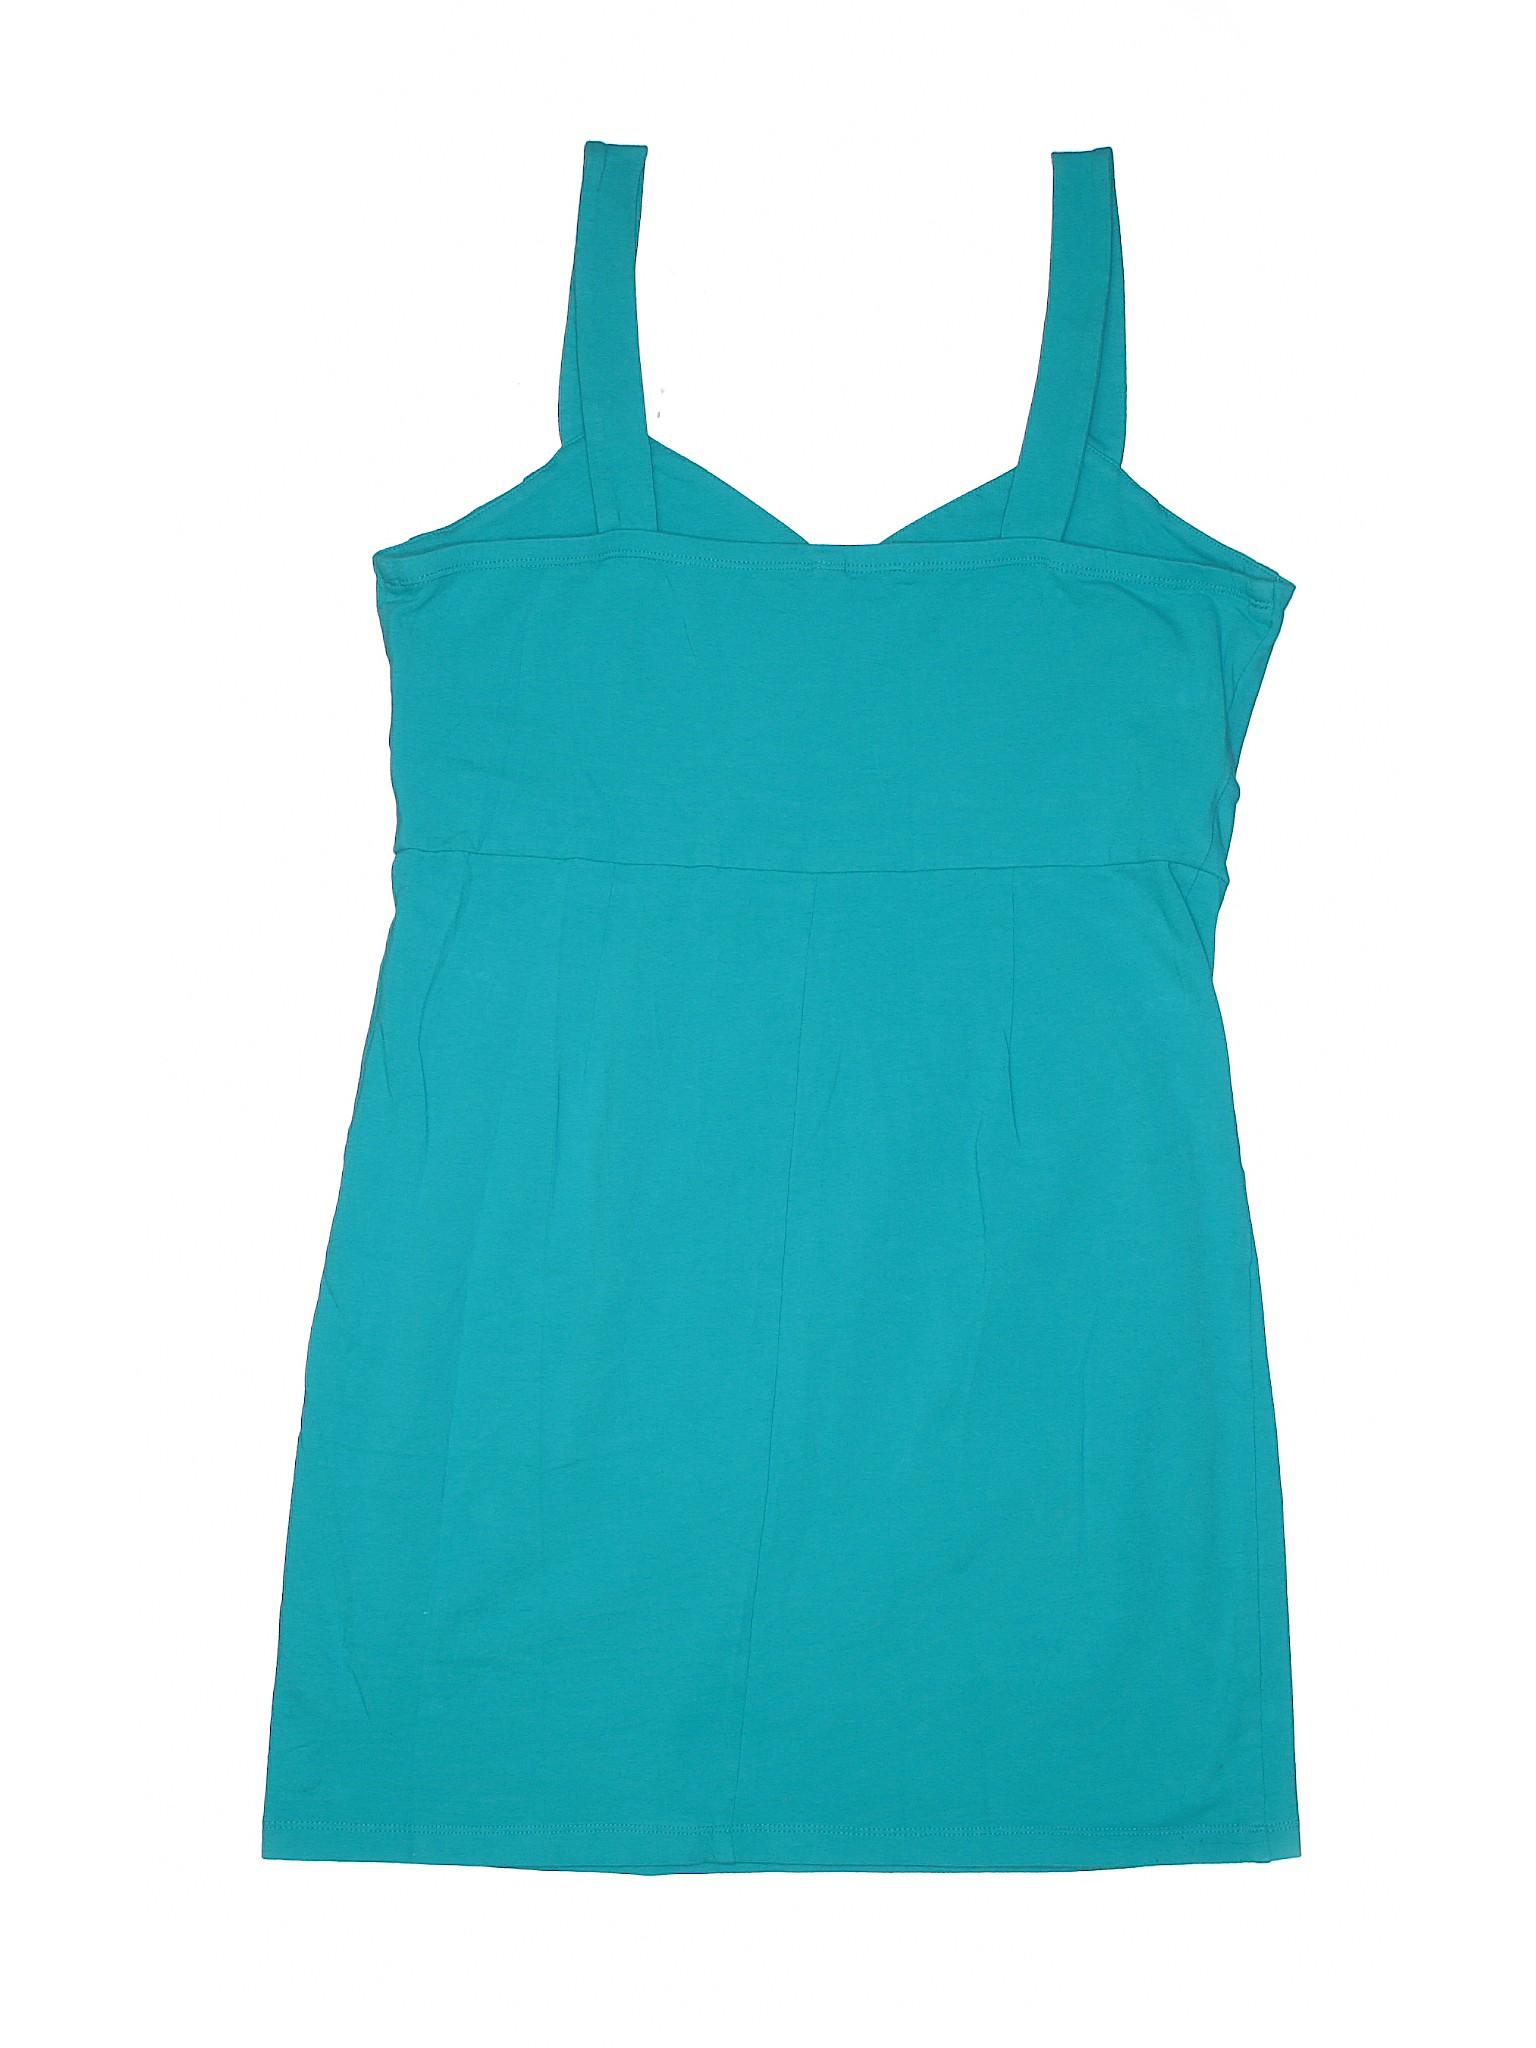 Xhilaration Selling Casual Xhilaration Casual Xhilaration Xhilaration Selling Selling Casual Selling Dress Dress Casual Dress RSnAA8wqE5